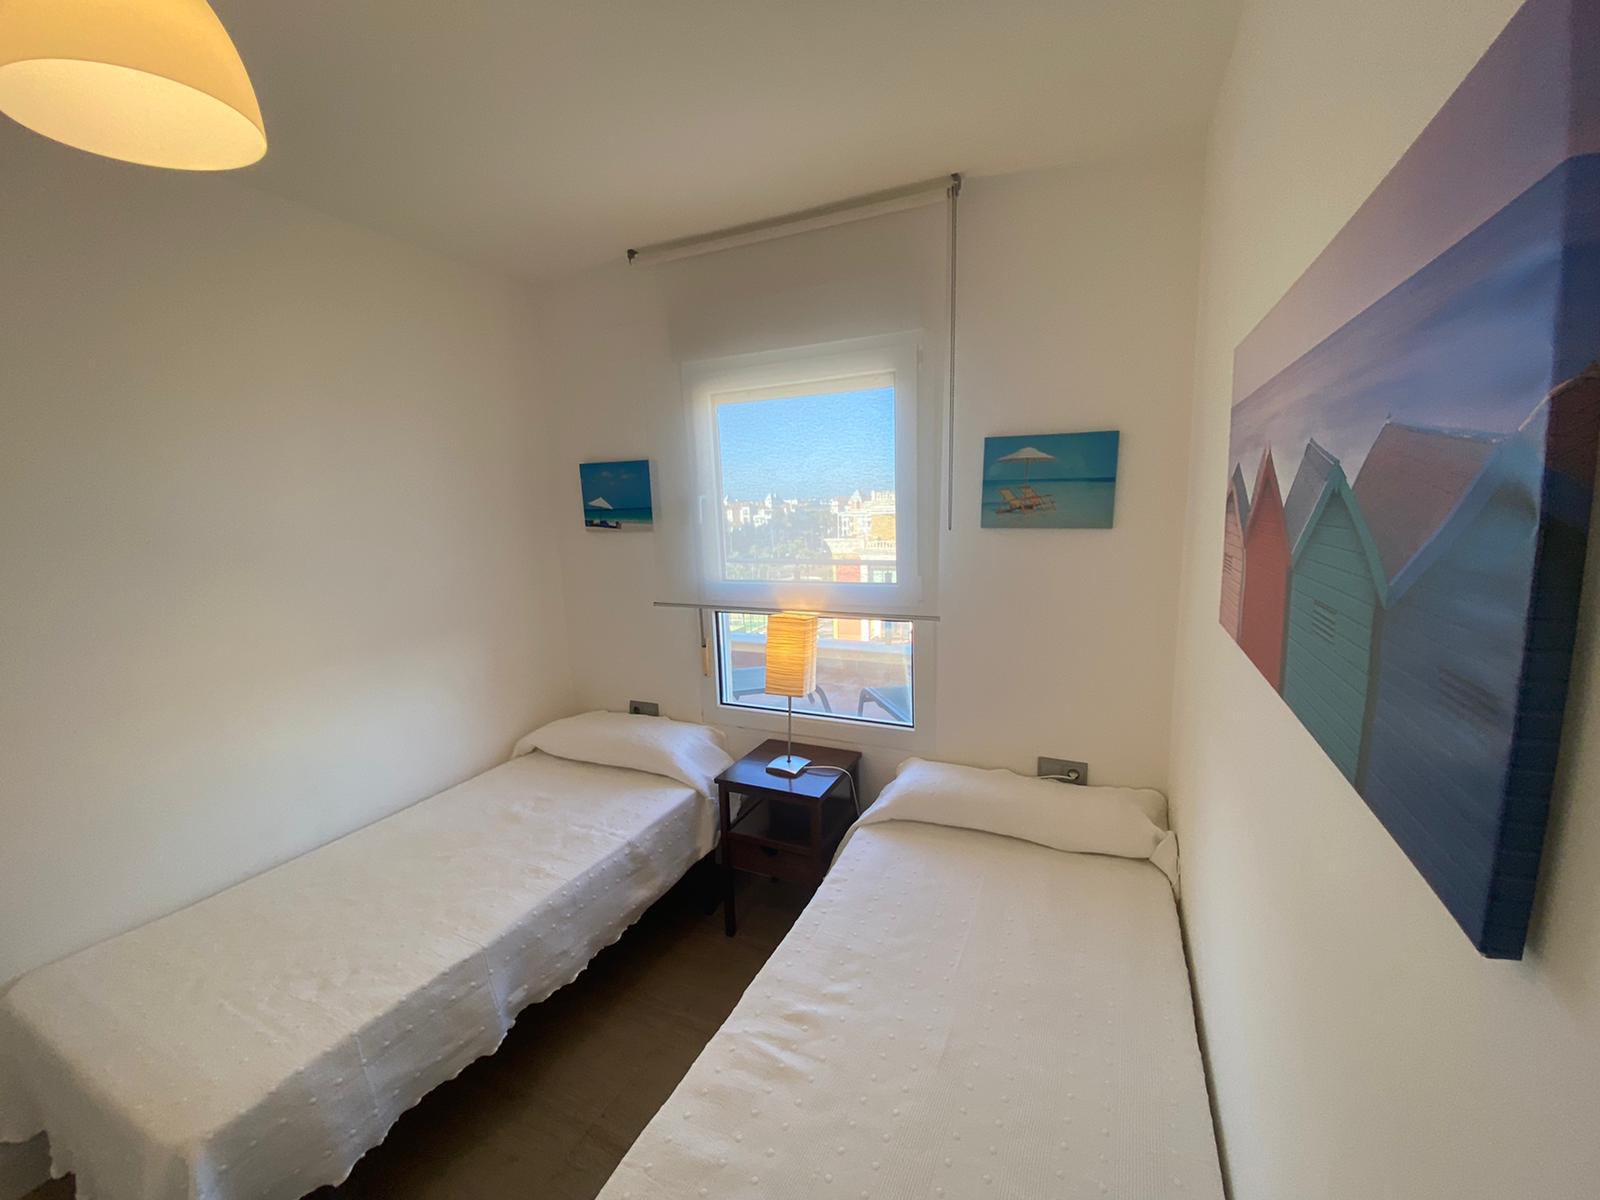 Imagen 42 del Apartamento Turístico, Ático 6 Levante (3d+2b), Punta del Moral (HUELVA), Paseo de la Cruz nº22